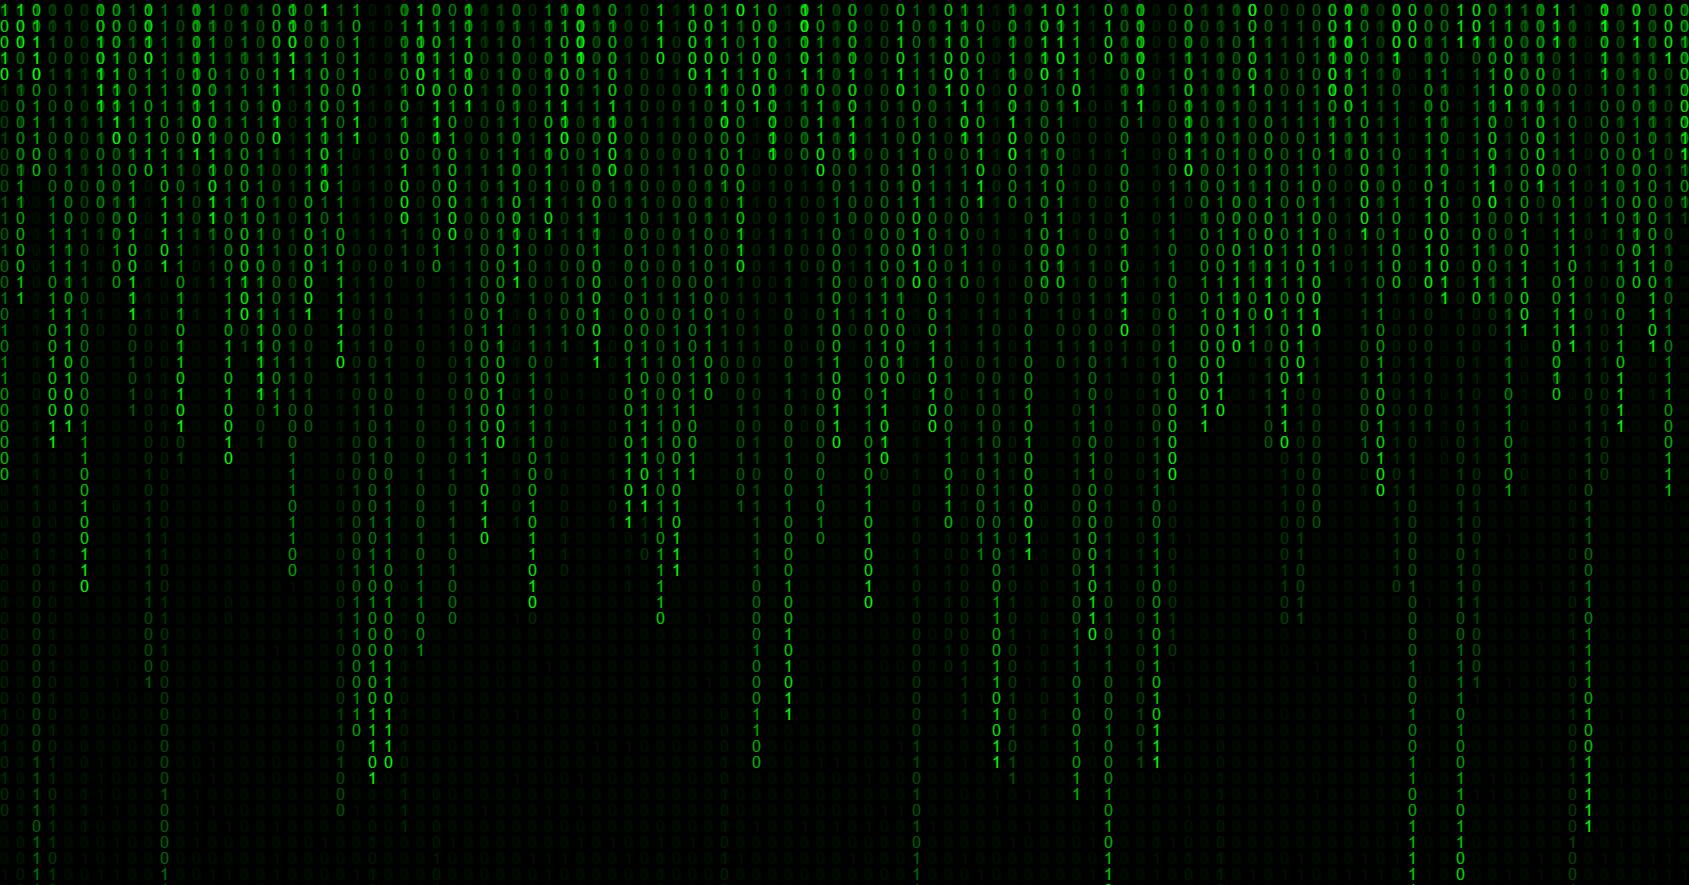 微软称多数零日漏洞均已修复但前提是及时安装更新